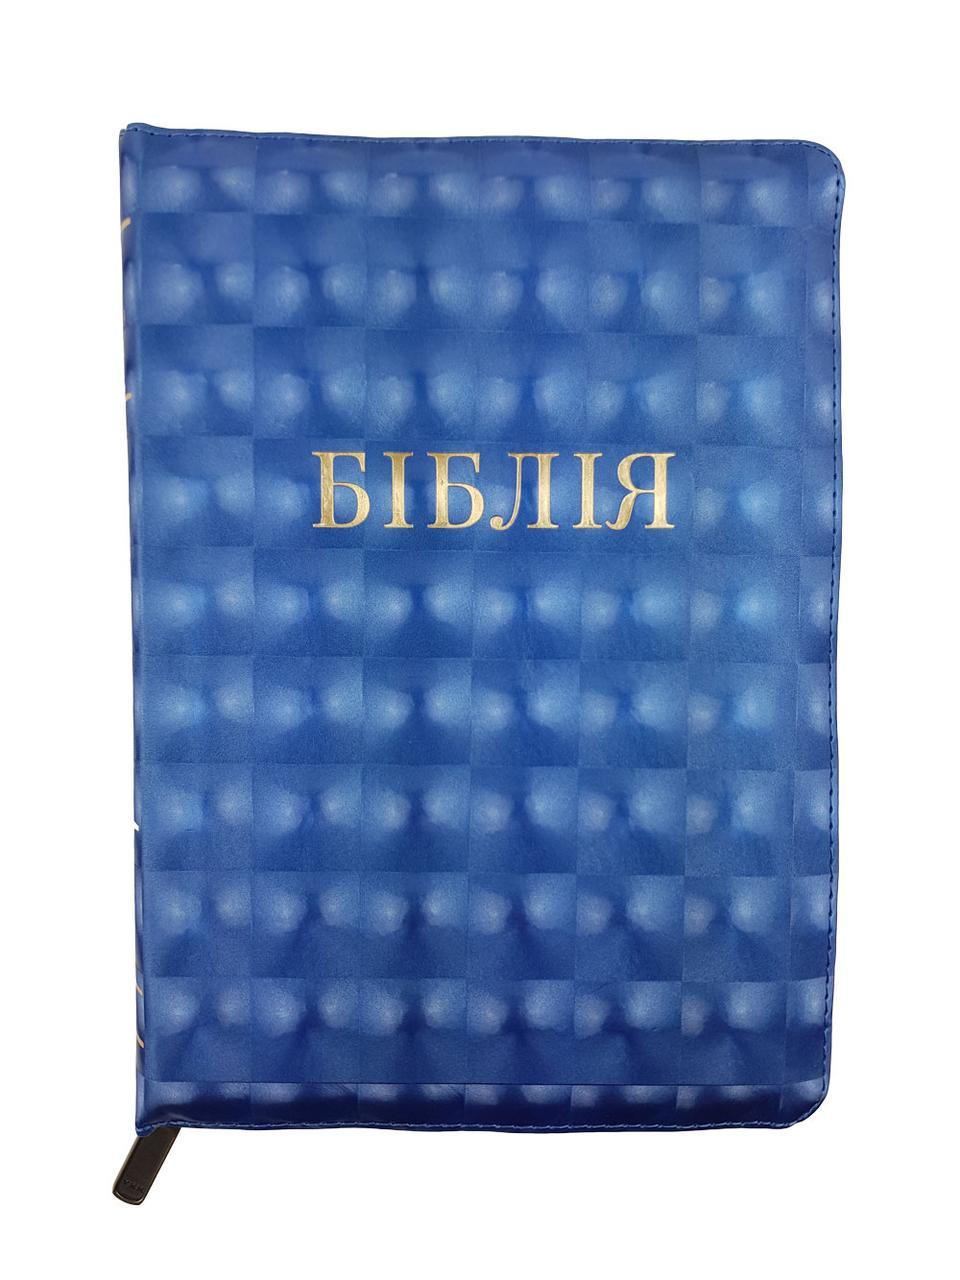 Біблія українською мовою в перекладі Івана Огієнка, замок, золотий обріз